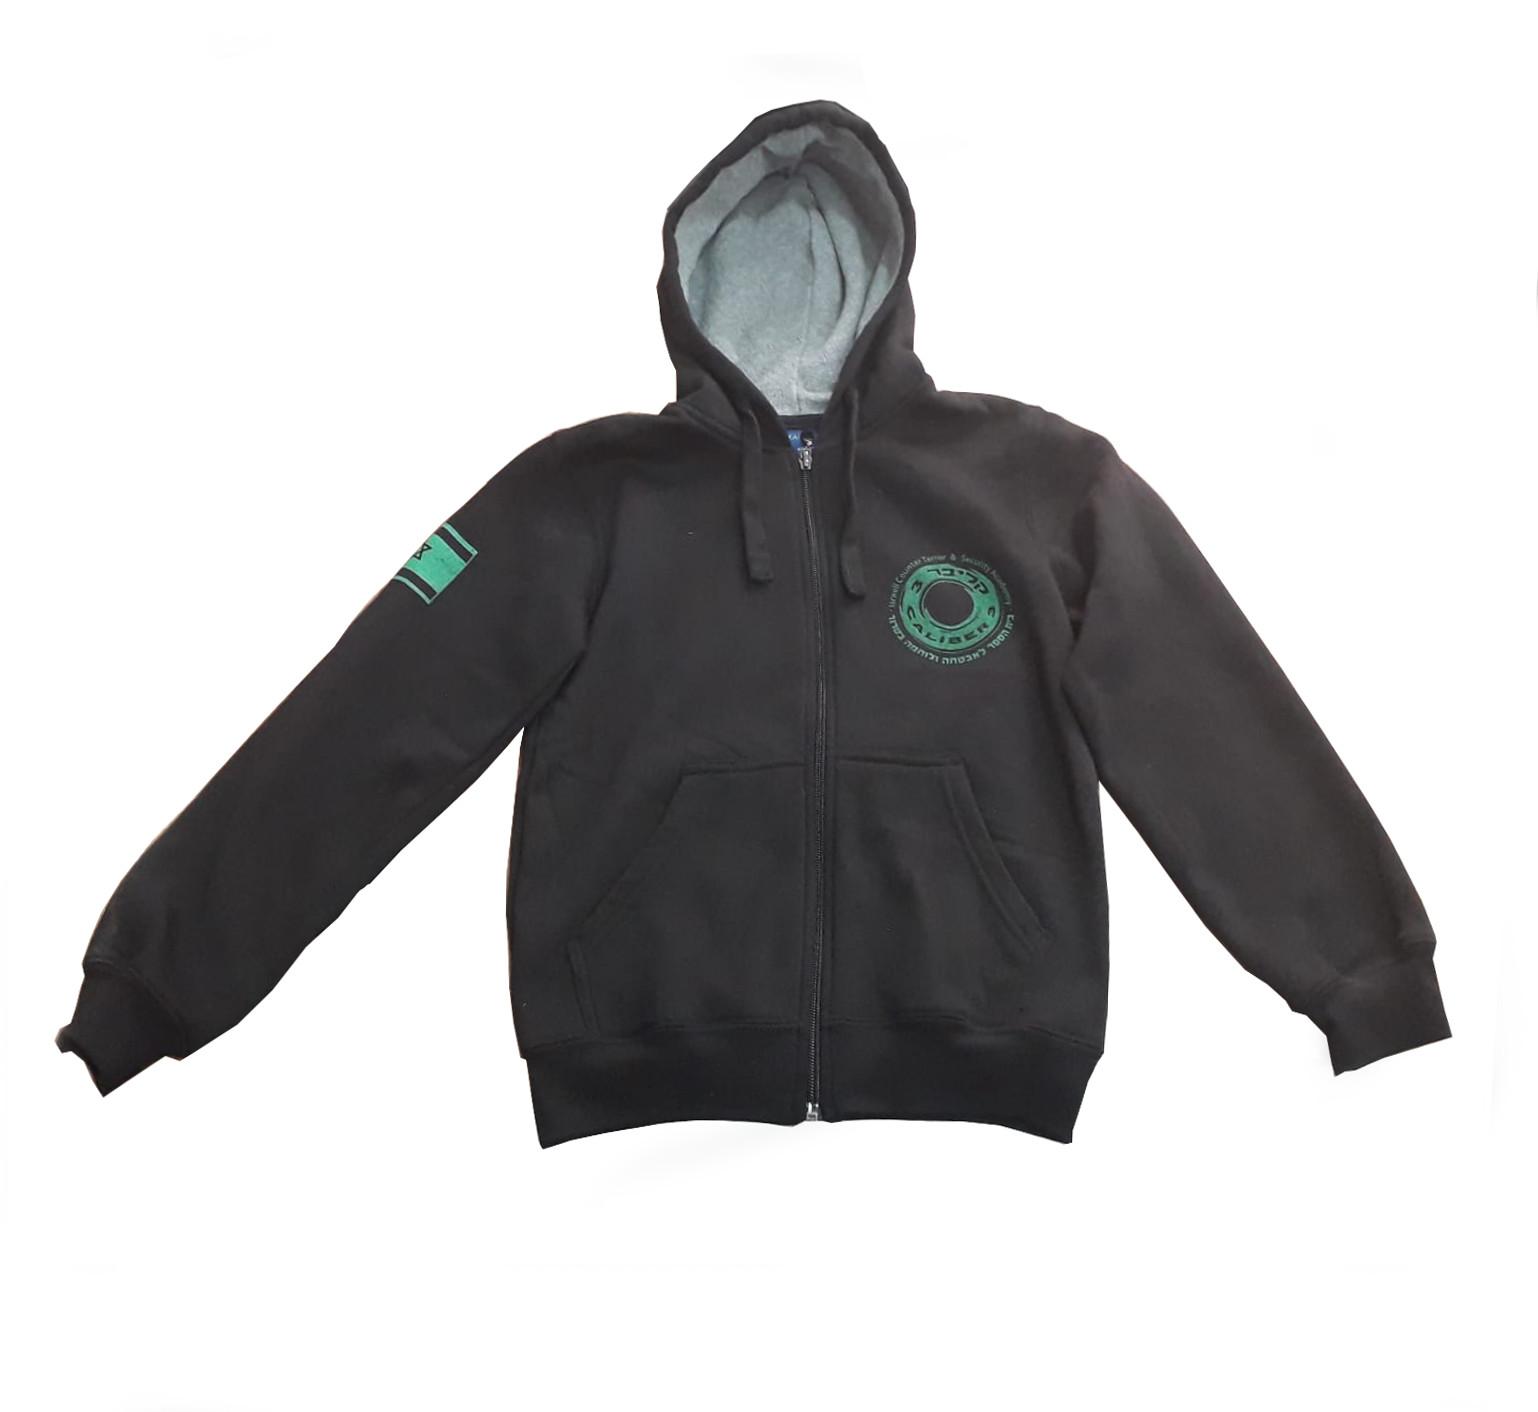 sweatshirt with zipper.jpg